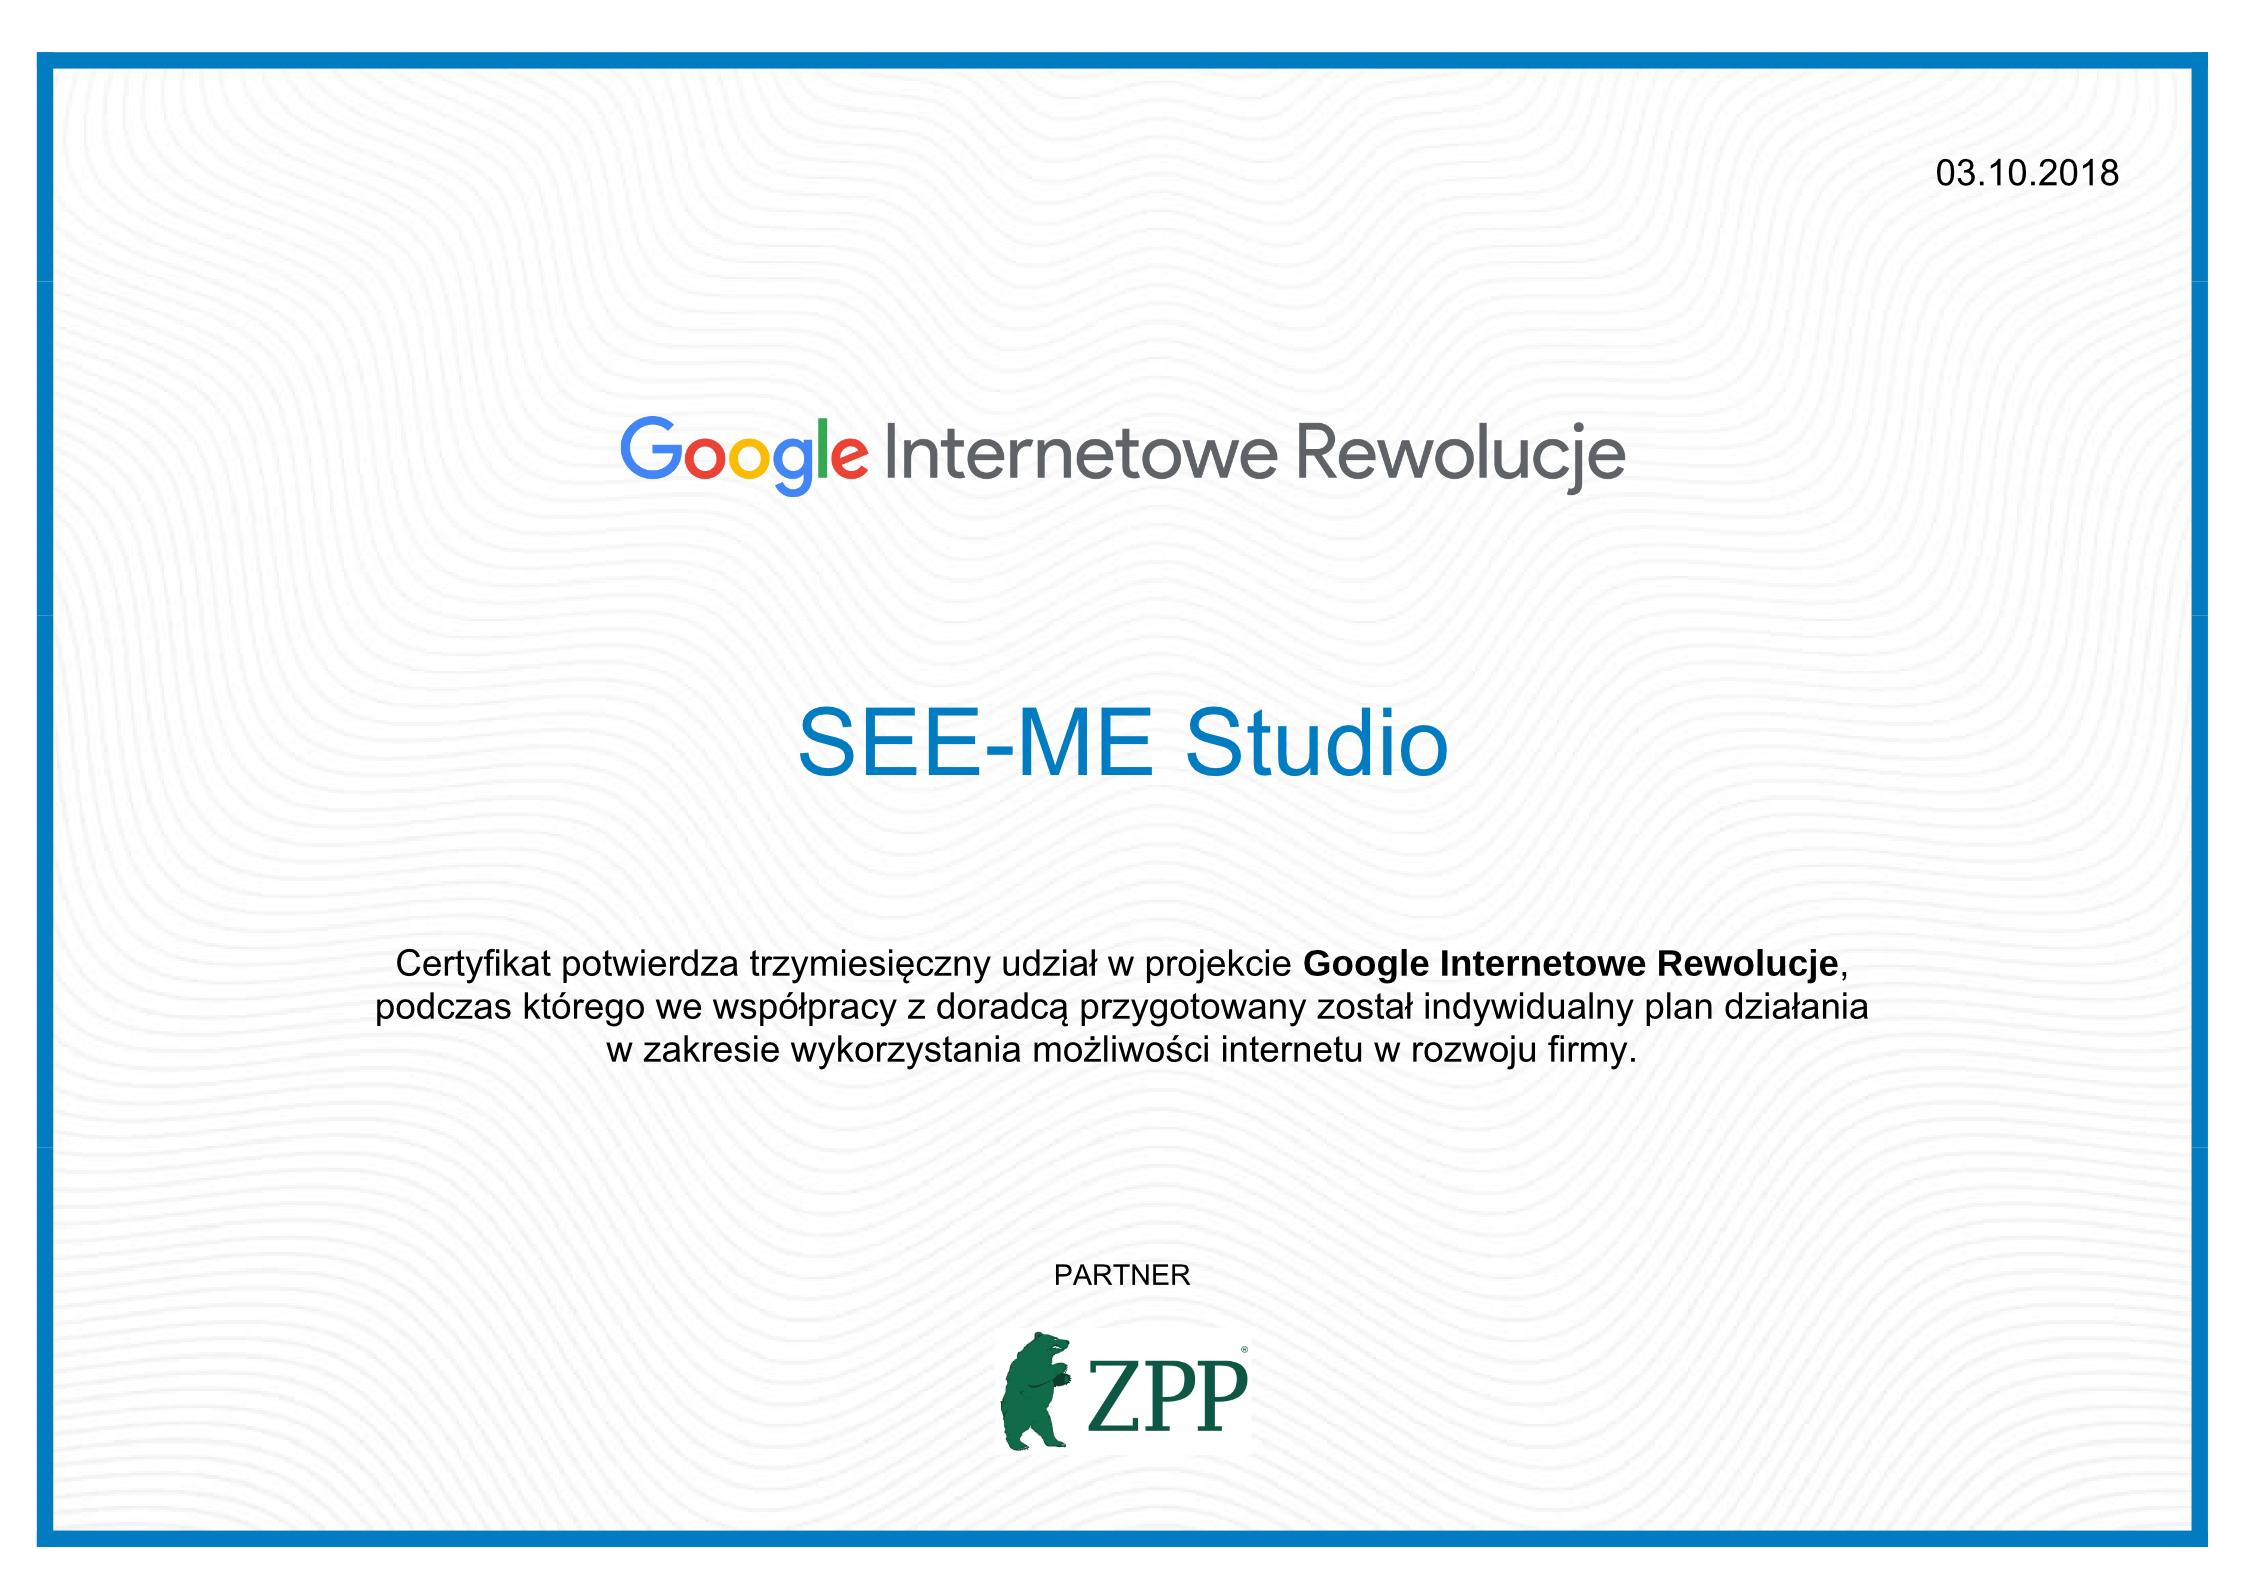 Internetowe Rewolucje | Tworzenie stron | SEE-ME